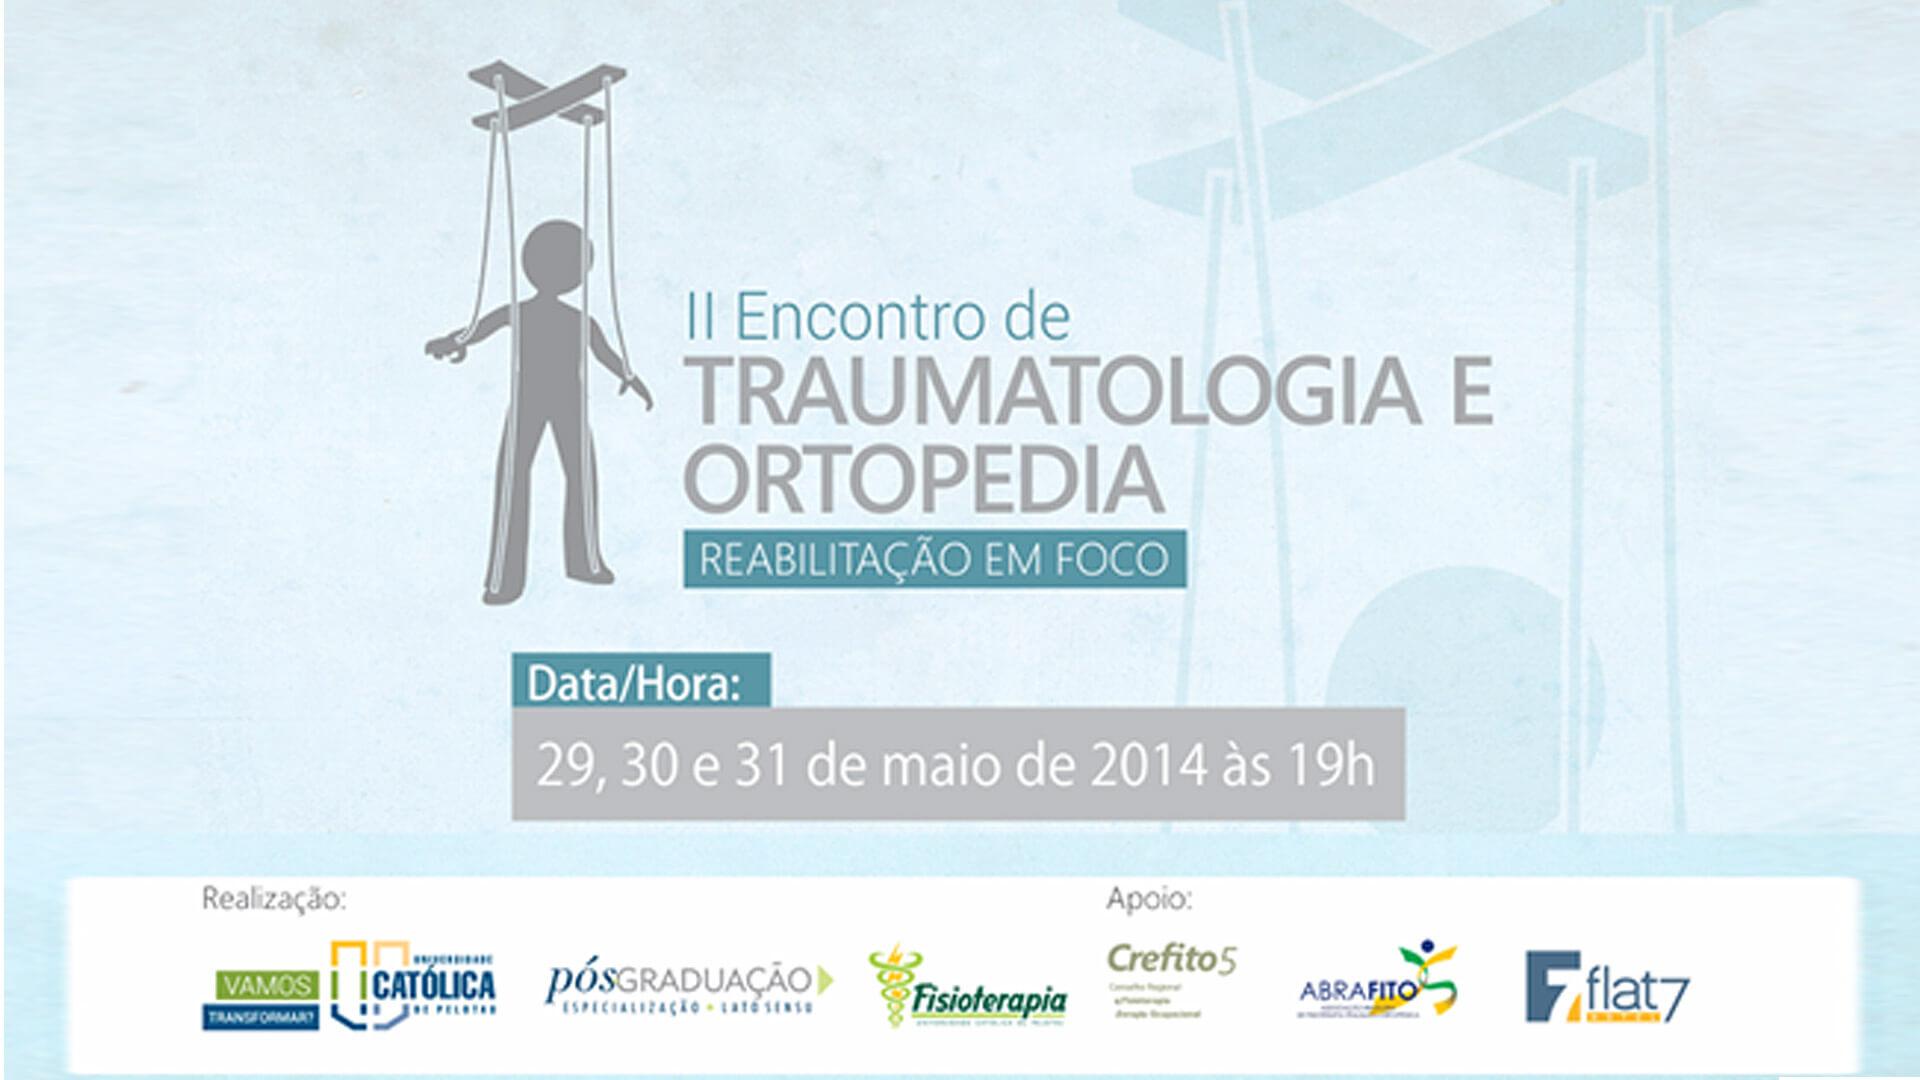 II ENCONTRO DE TRAUMATOLOGIA E ORTOPEDIA - REBILITAÇÃO EM FOCO (PELOTAS - RS)